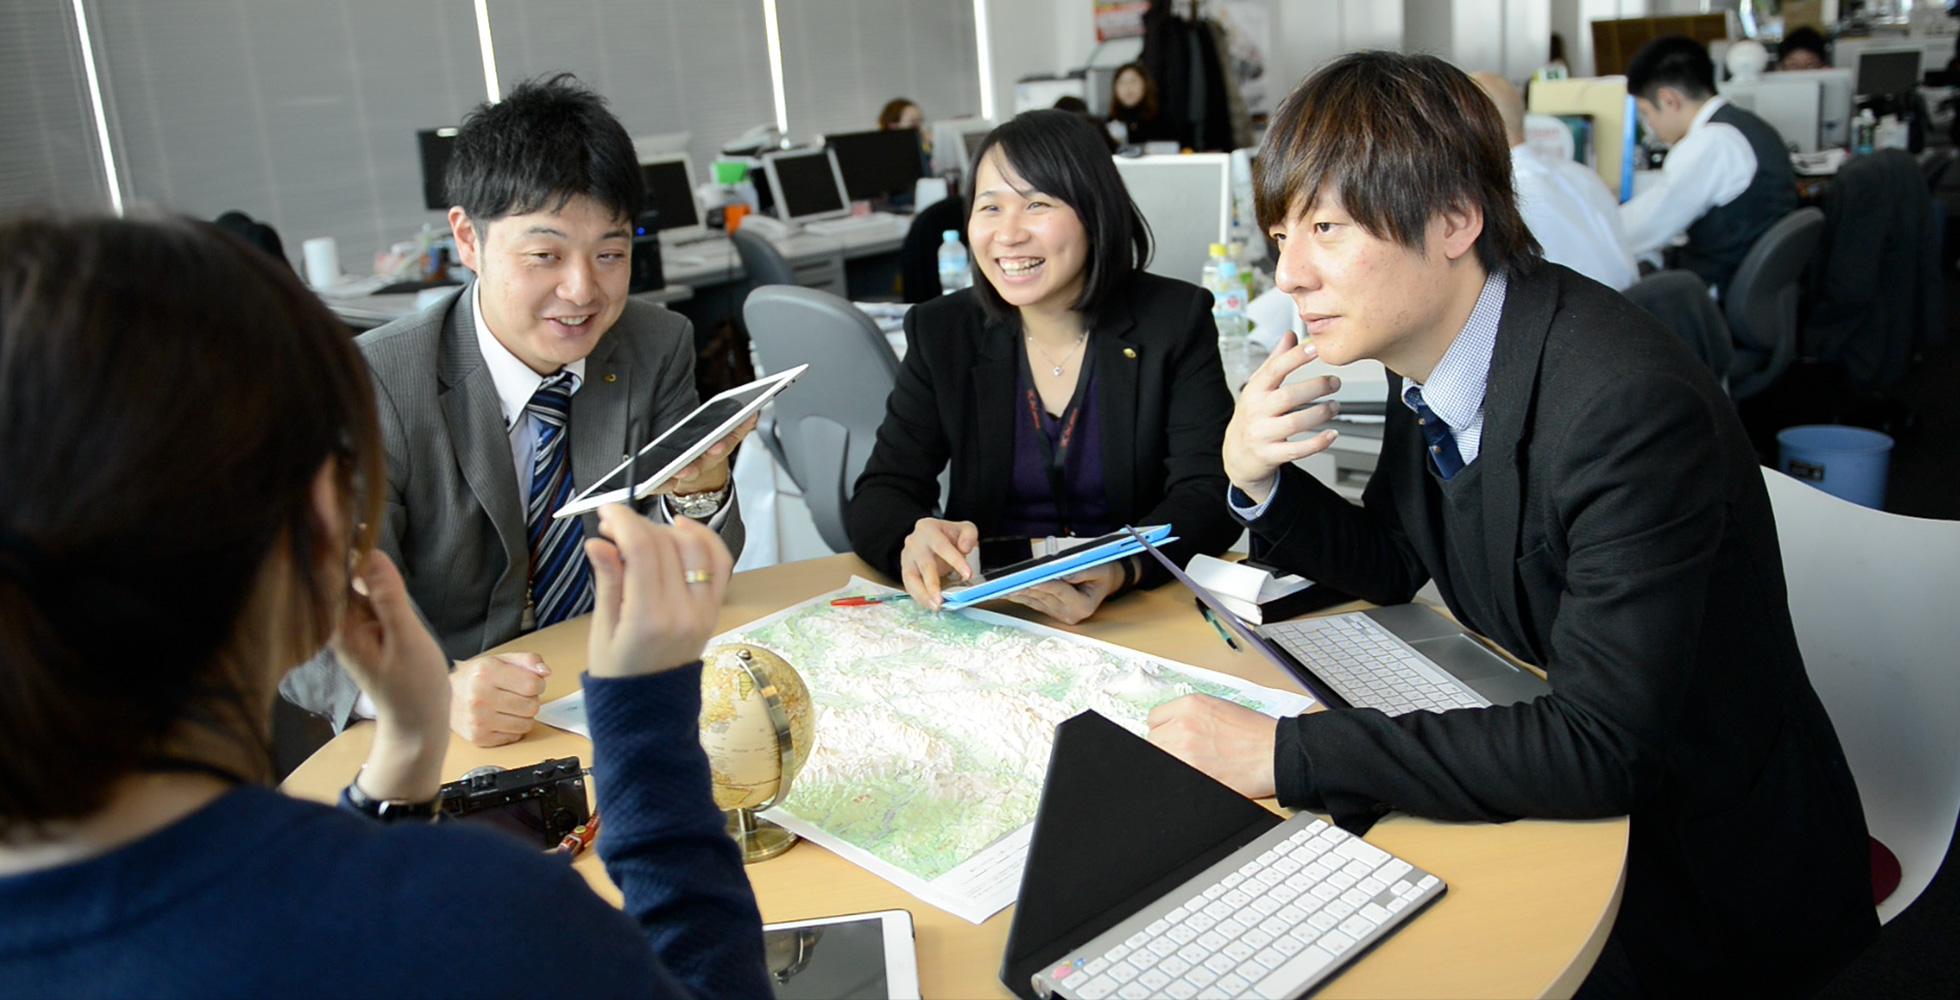 観光立国黎明期からの事業経験と豊富な海外パートナーシップ